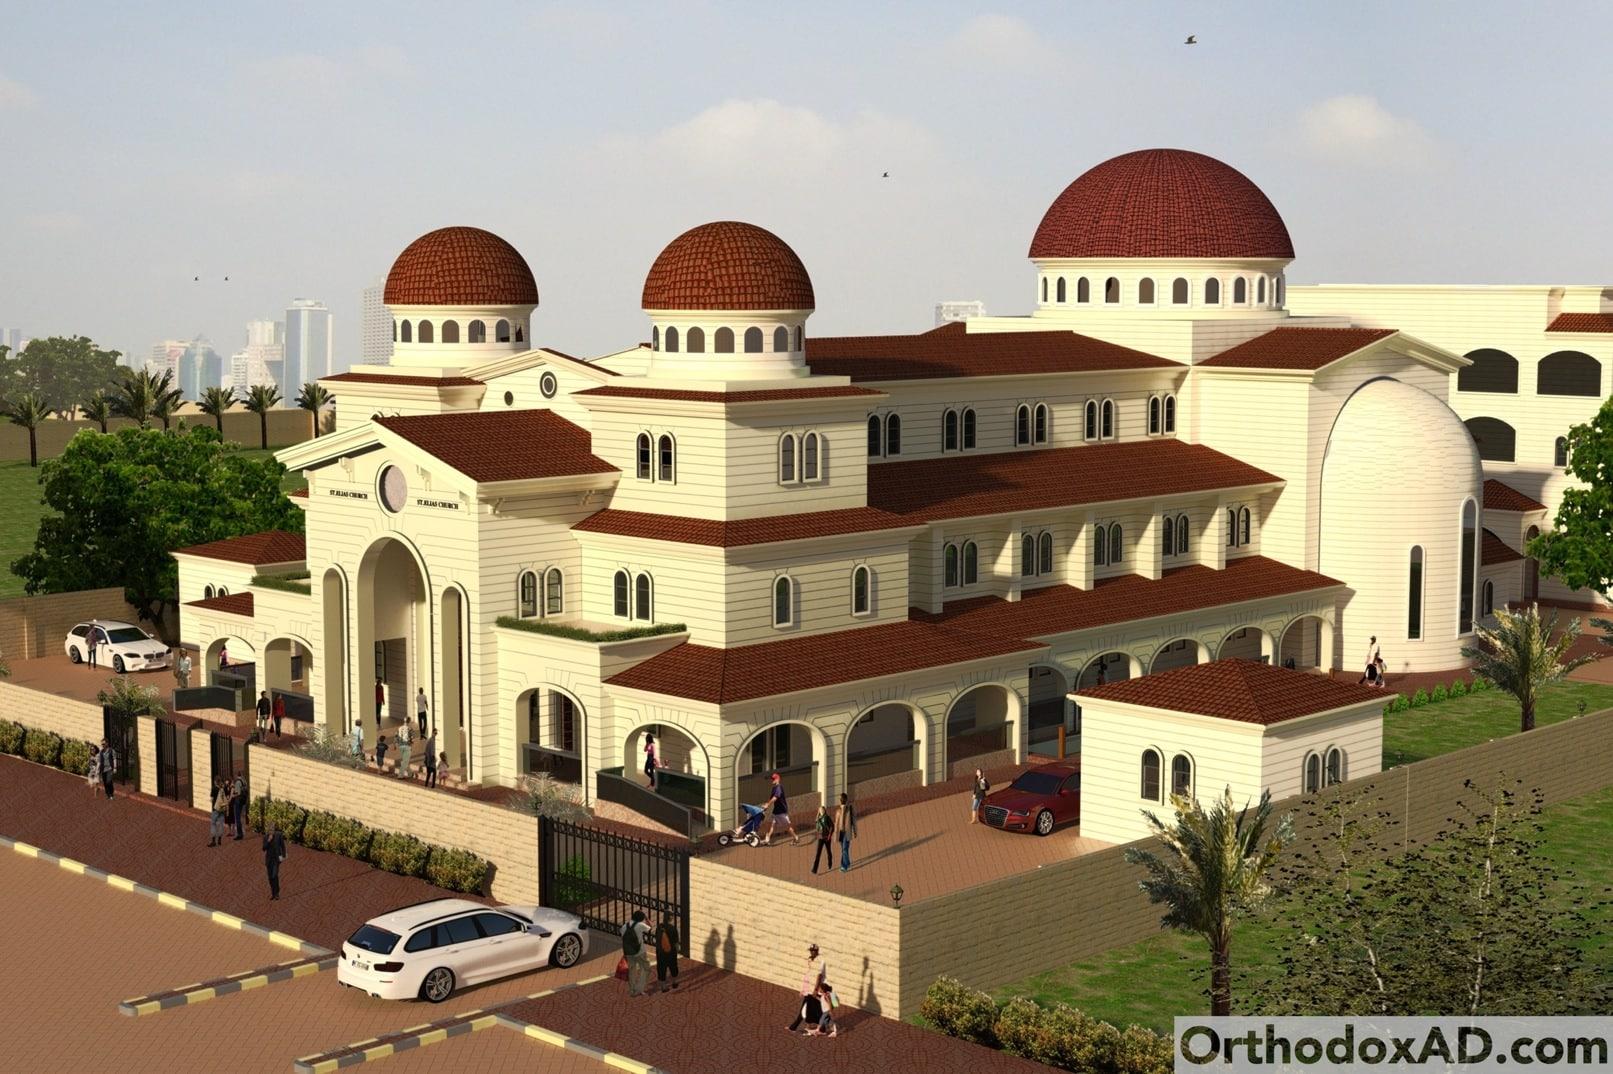 eglise-orthodoxe-saint-elia-dabu-dhabi